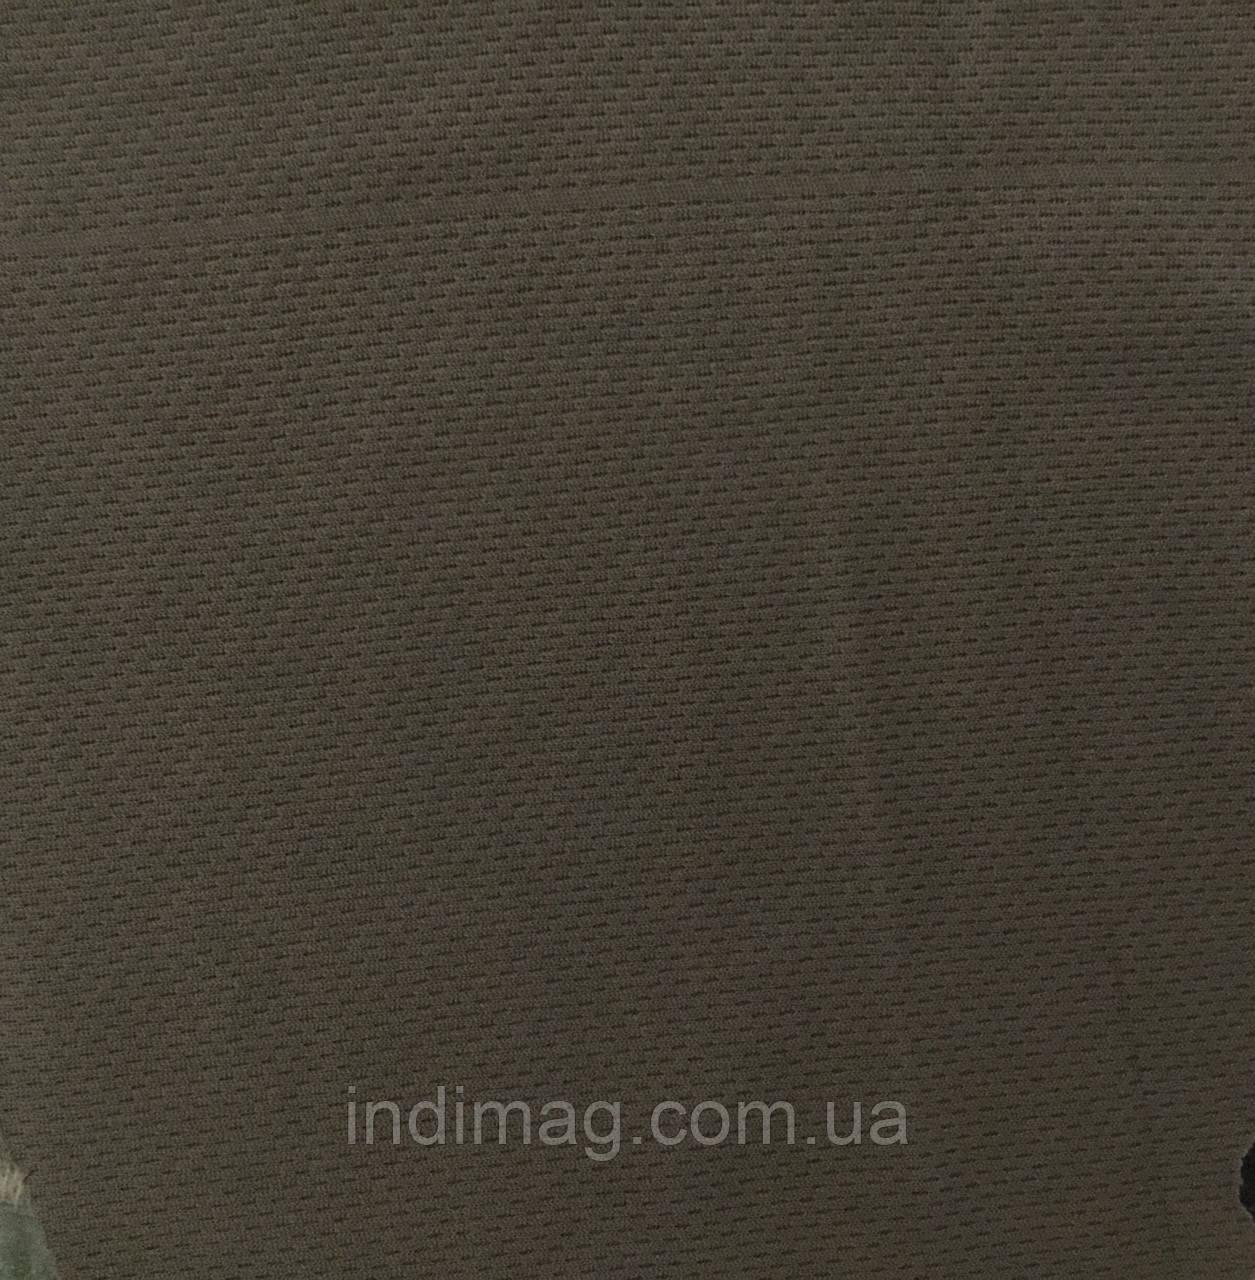 Ткань СООLMAX Хаки